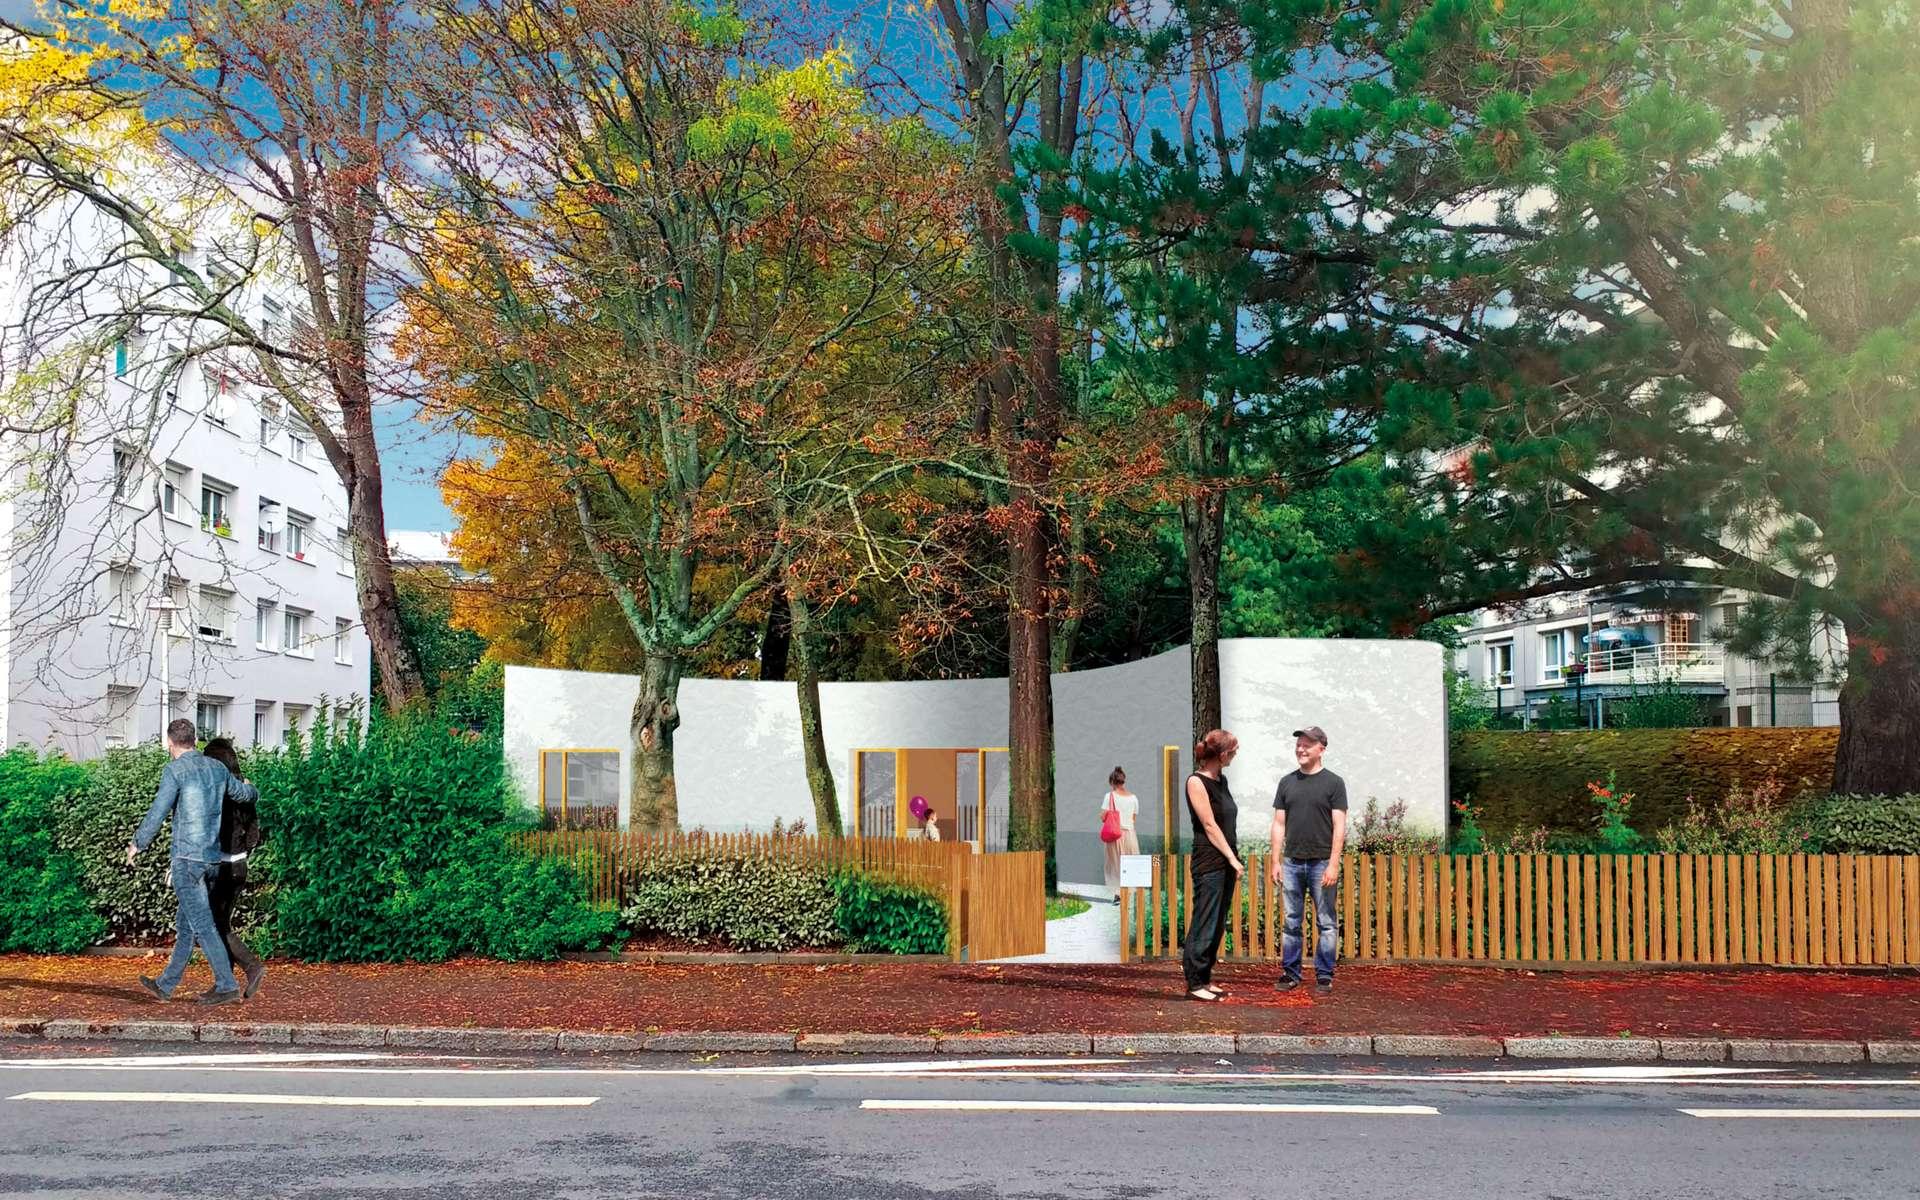 Une maison imprimée en 3D à Nantes : une première grâce à Bâtiprint. Ici, la maison, quand elle sera terminée, reconnaissable à ses formes arrondies. © TICA